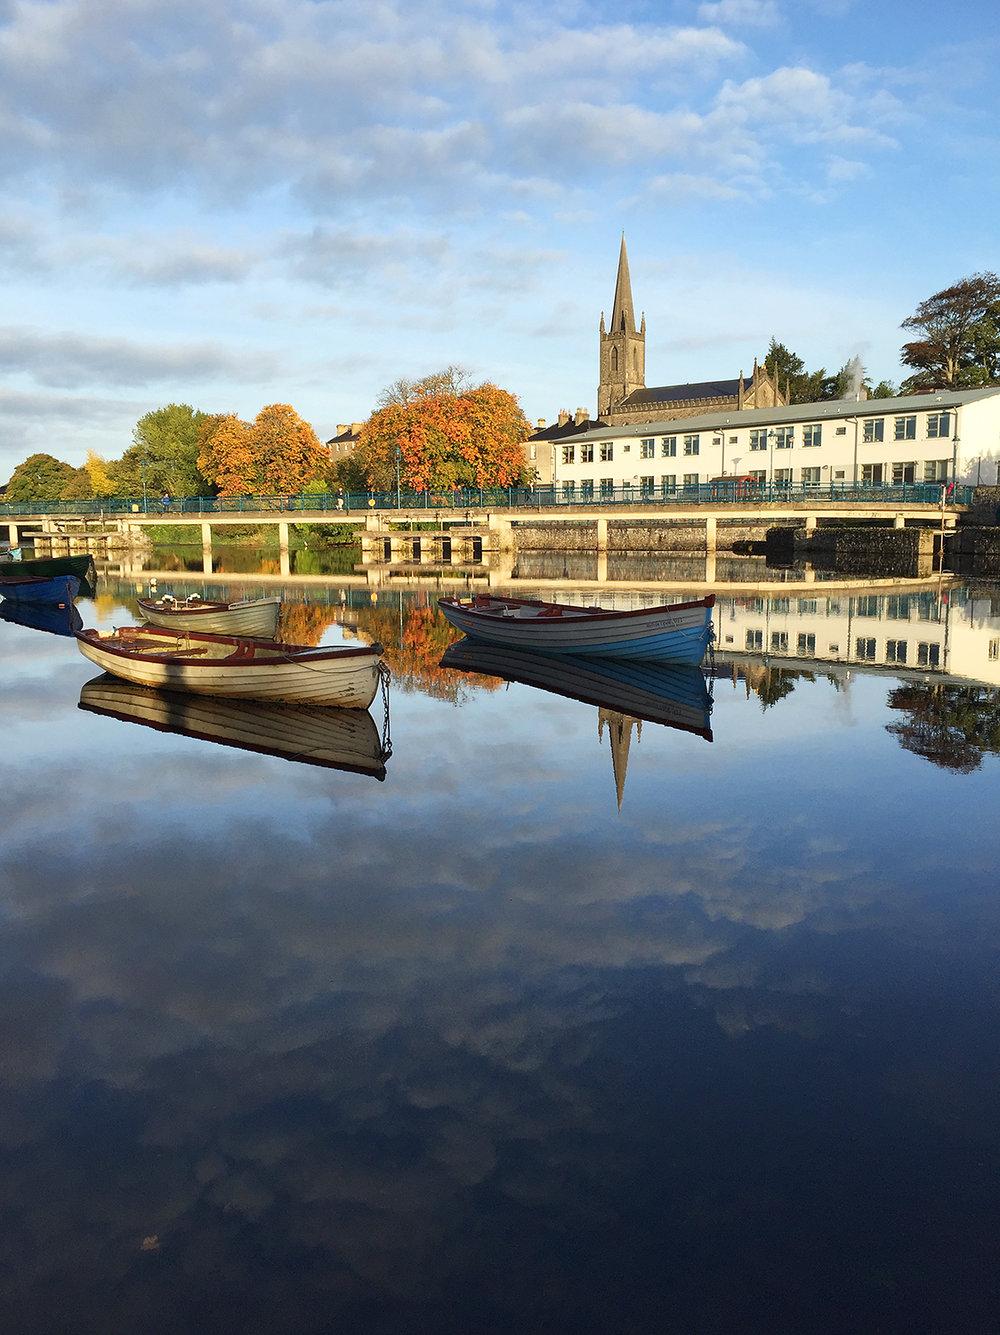 Sligo, Boats